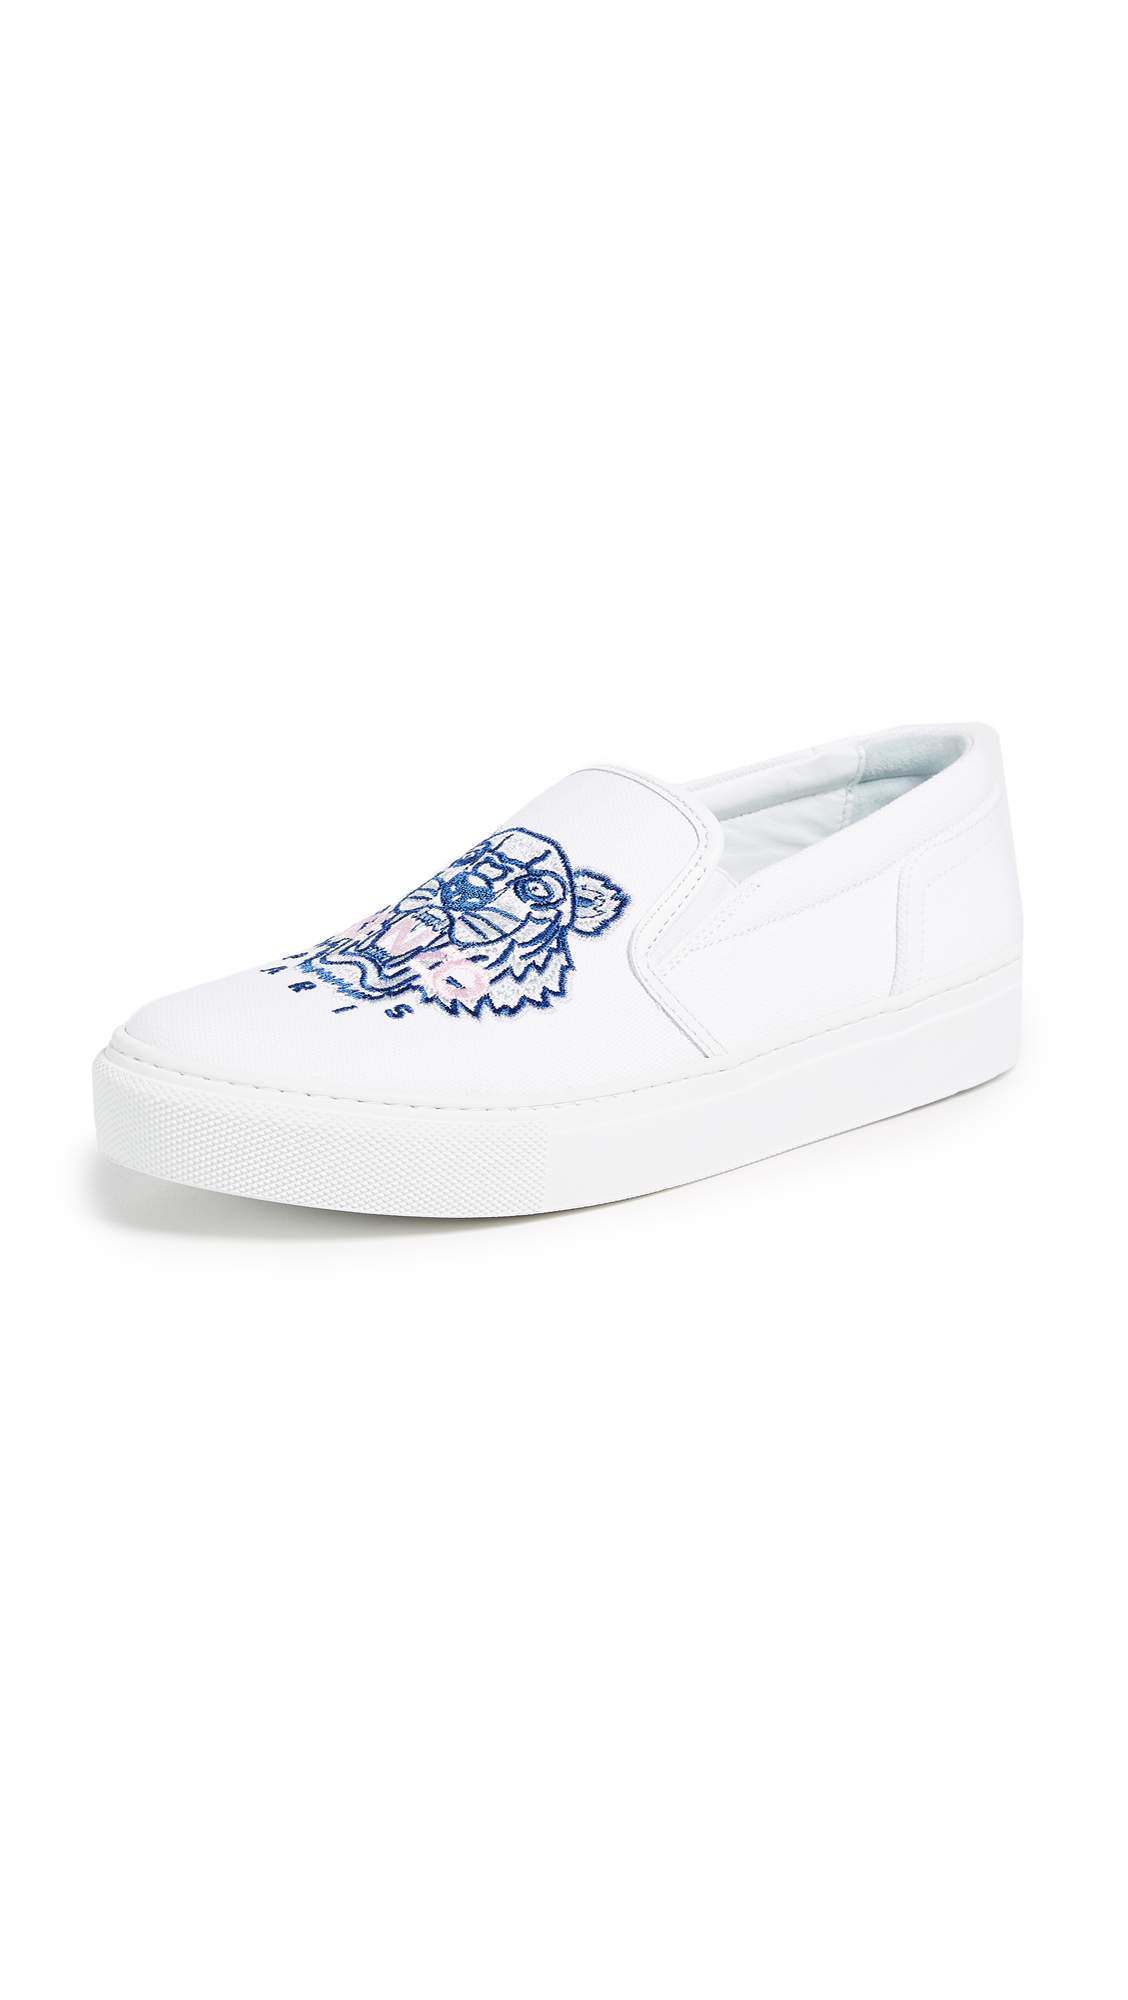 KENZO K-Skate Tiger Sneakers - White